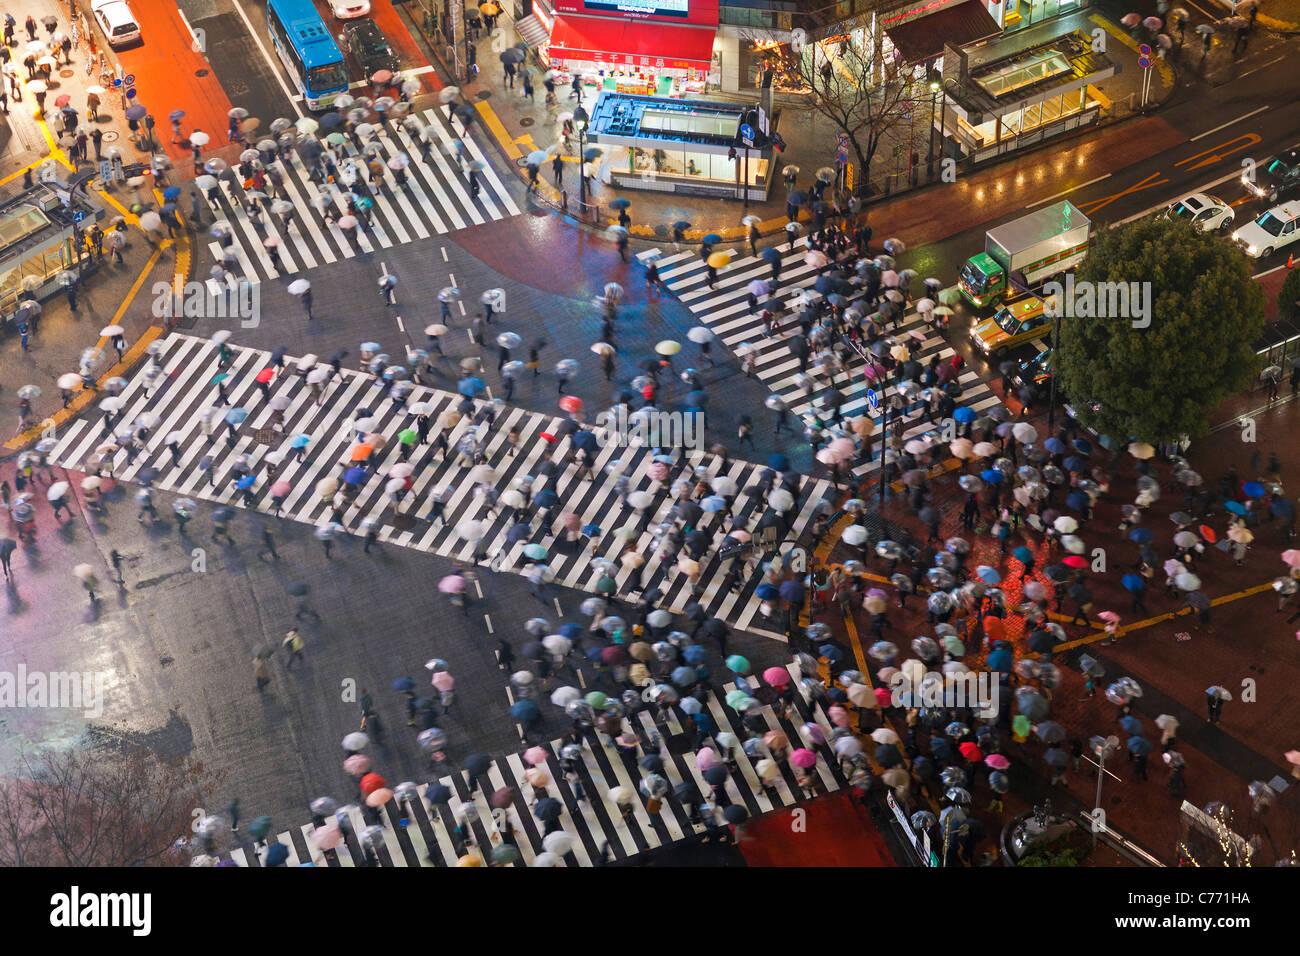 L'Asie, Japon, Tokyo, Shibuya, Shibuya Crossing - des foules de personnes traversant le fameux passages pour piétons Banque D'Images